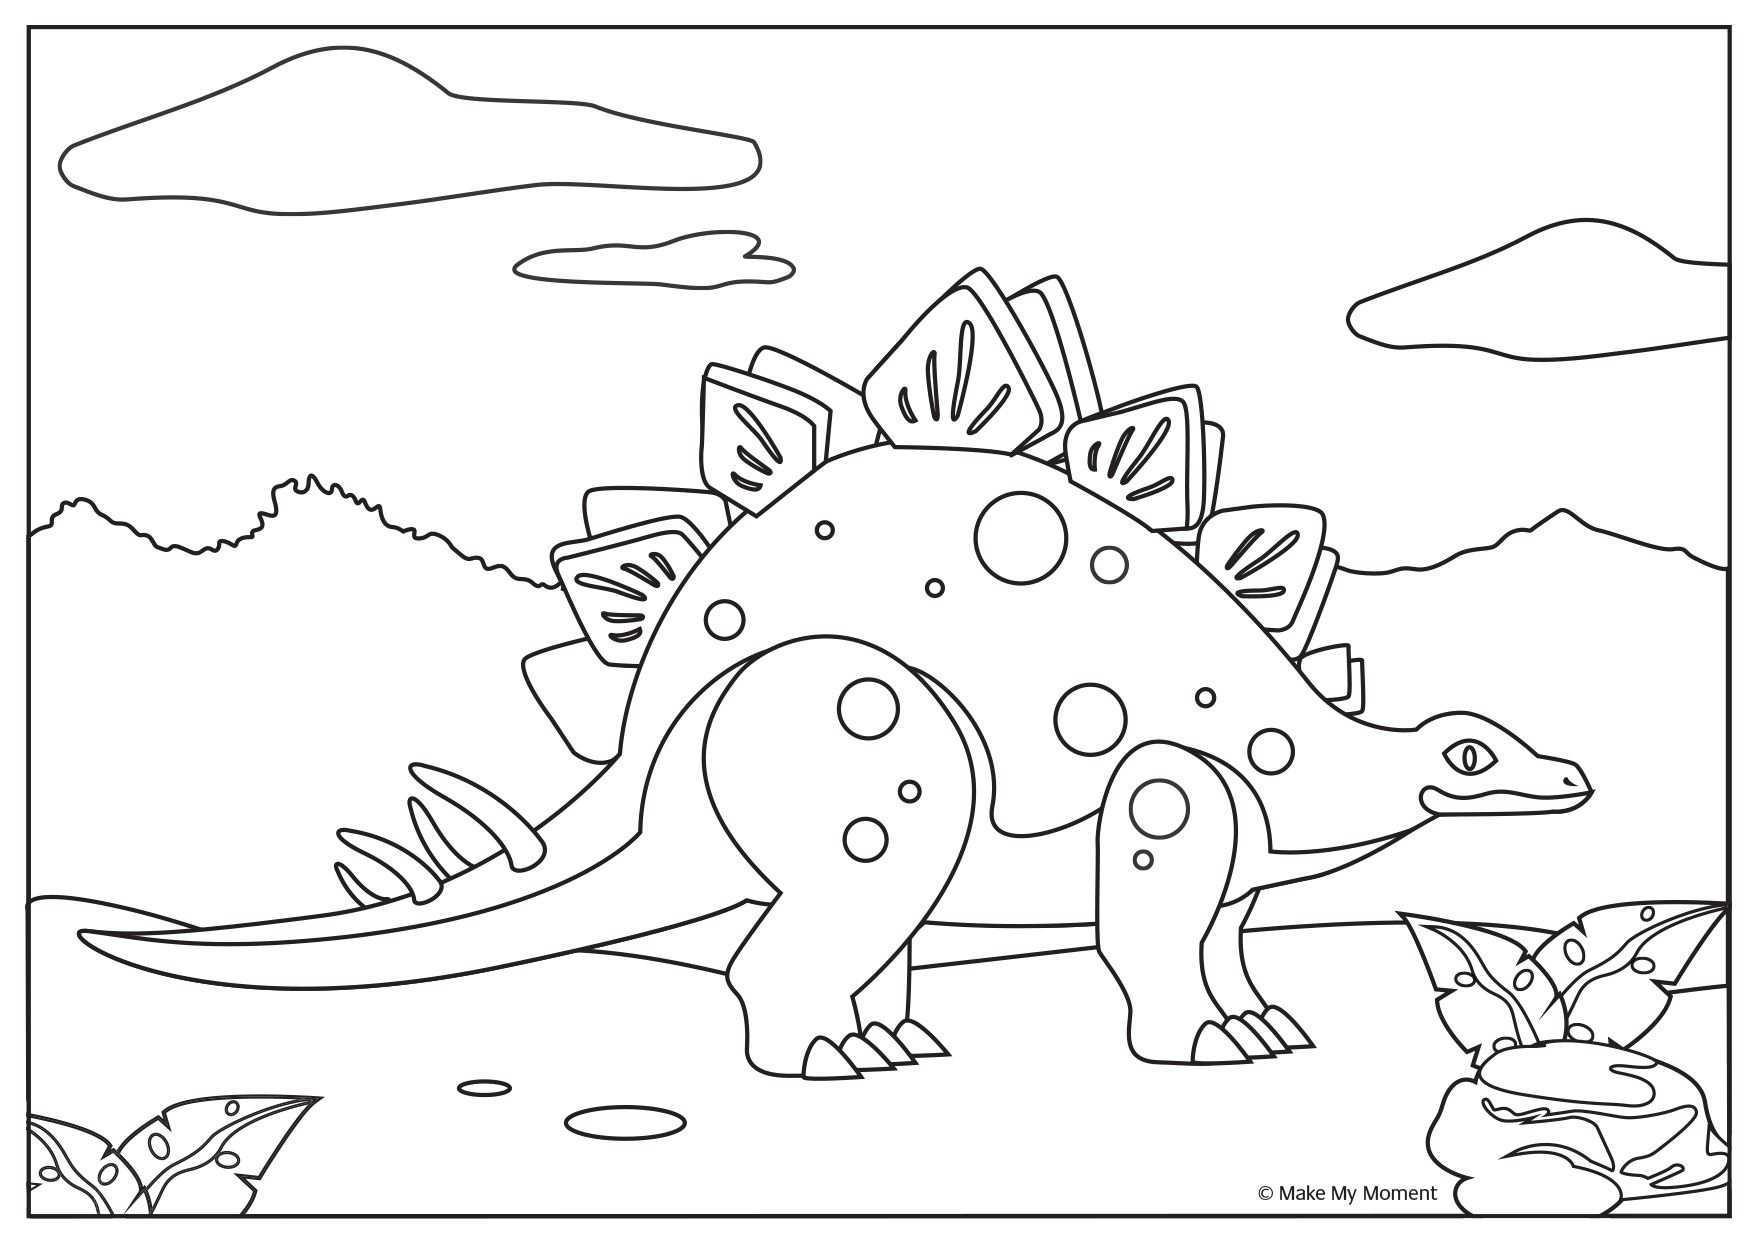 Gratis Dinosaurus Kleurplaat Te Downloaden Download Free Dinosaur Coloring Page Dinosaur Coloring Pages Dinosaur Coloring Coloring Pages